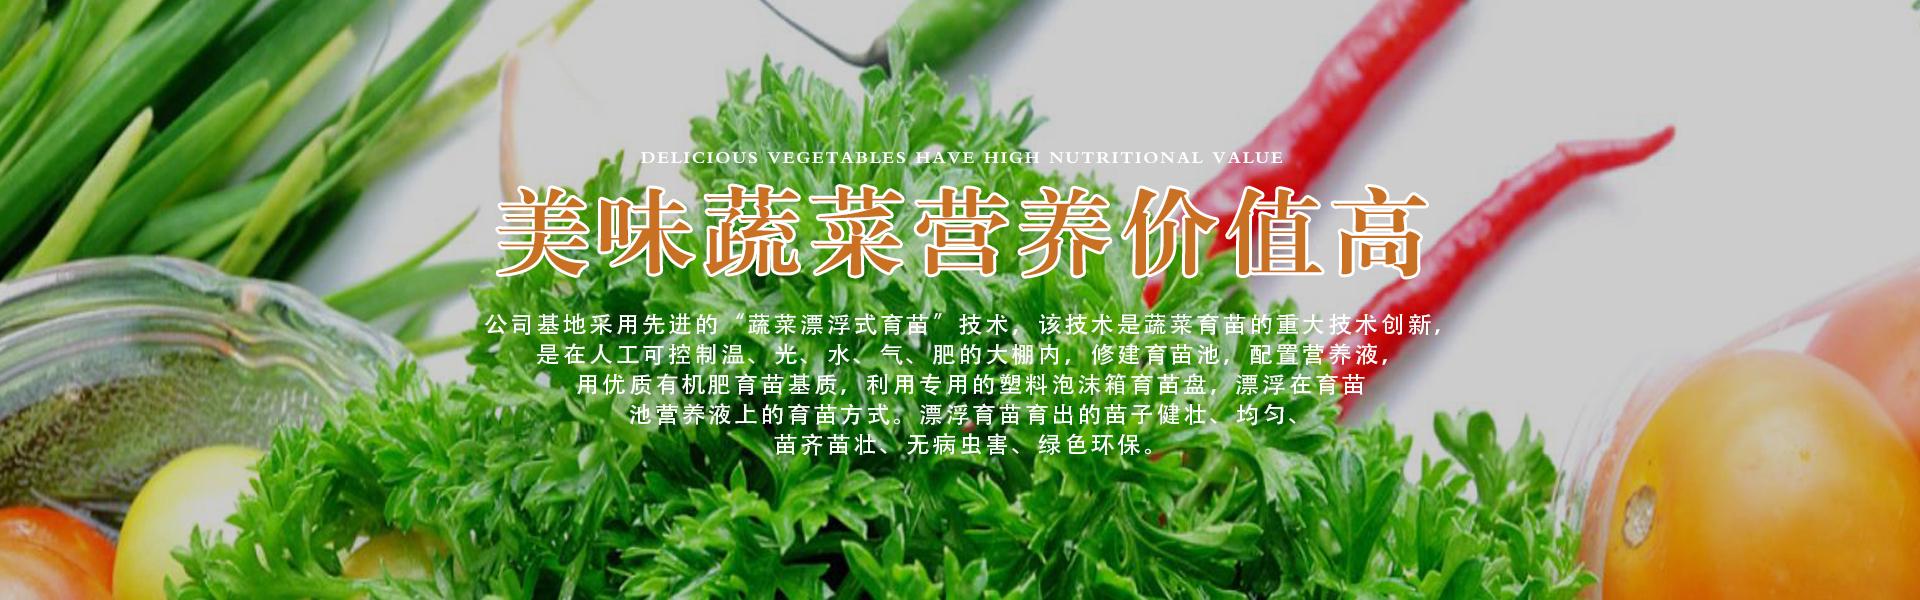 生态有机蔬菜招商平台_新鲜配送-成都市录超农业有限责任公司